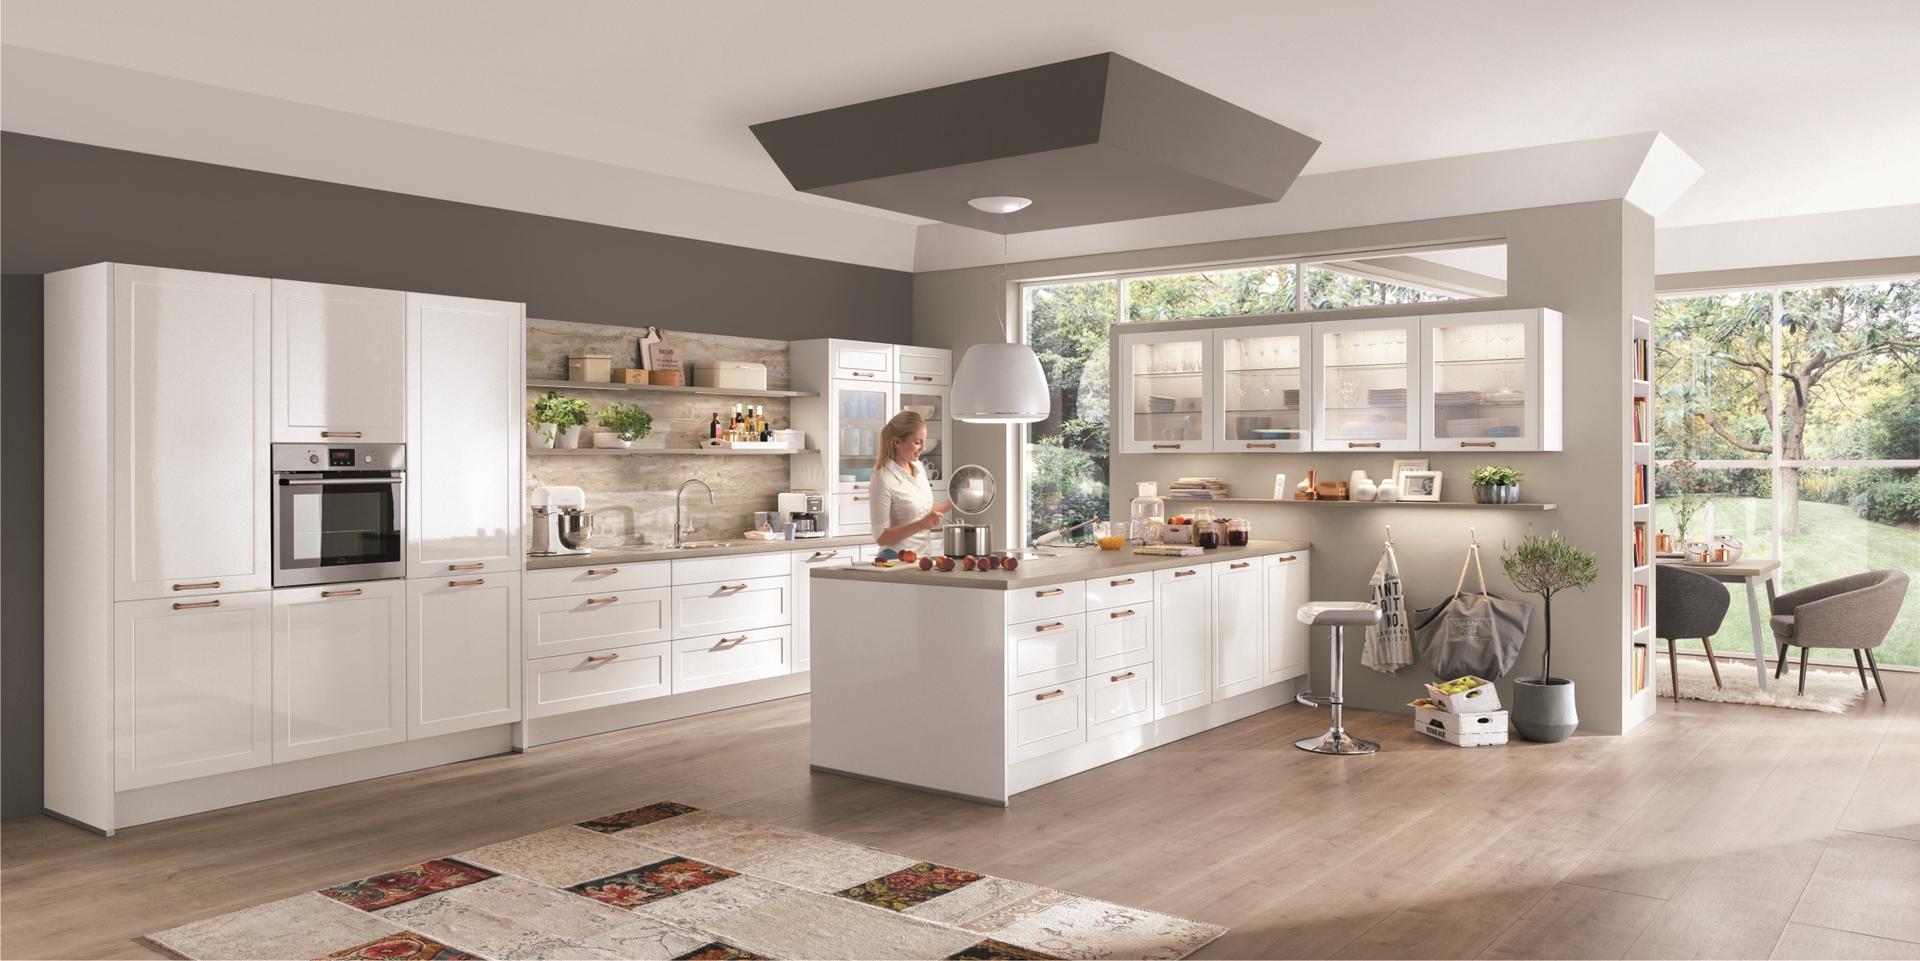 Kemmler küchen möbel einrichtungen  : landhaus küchen